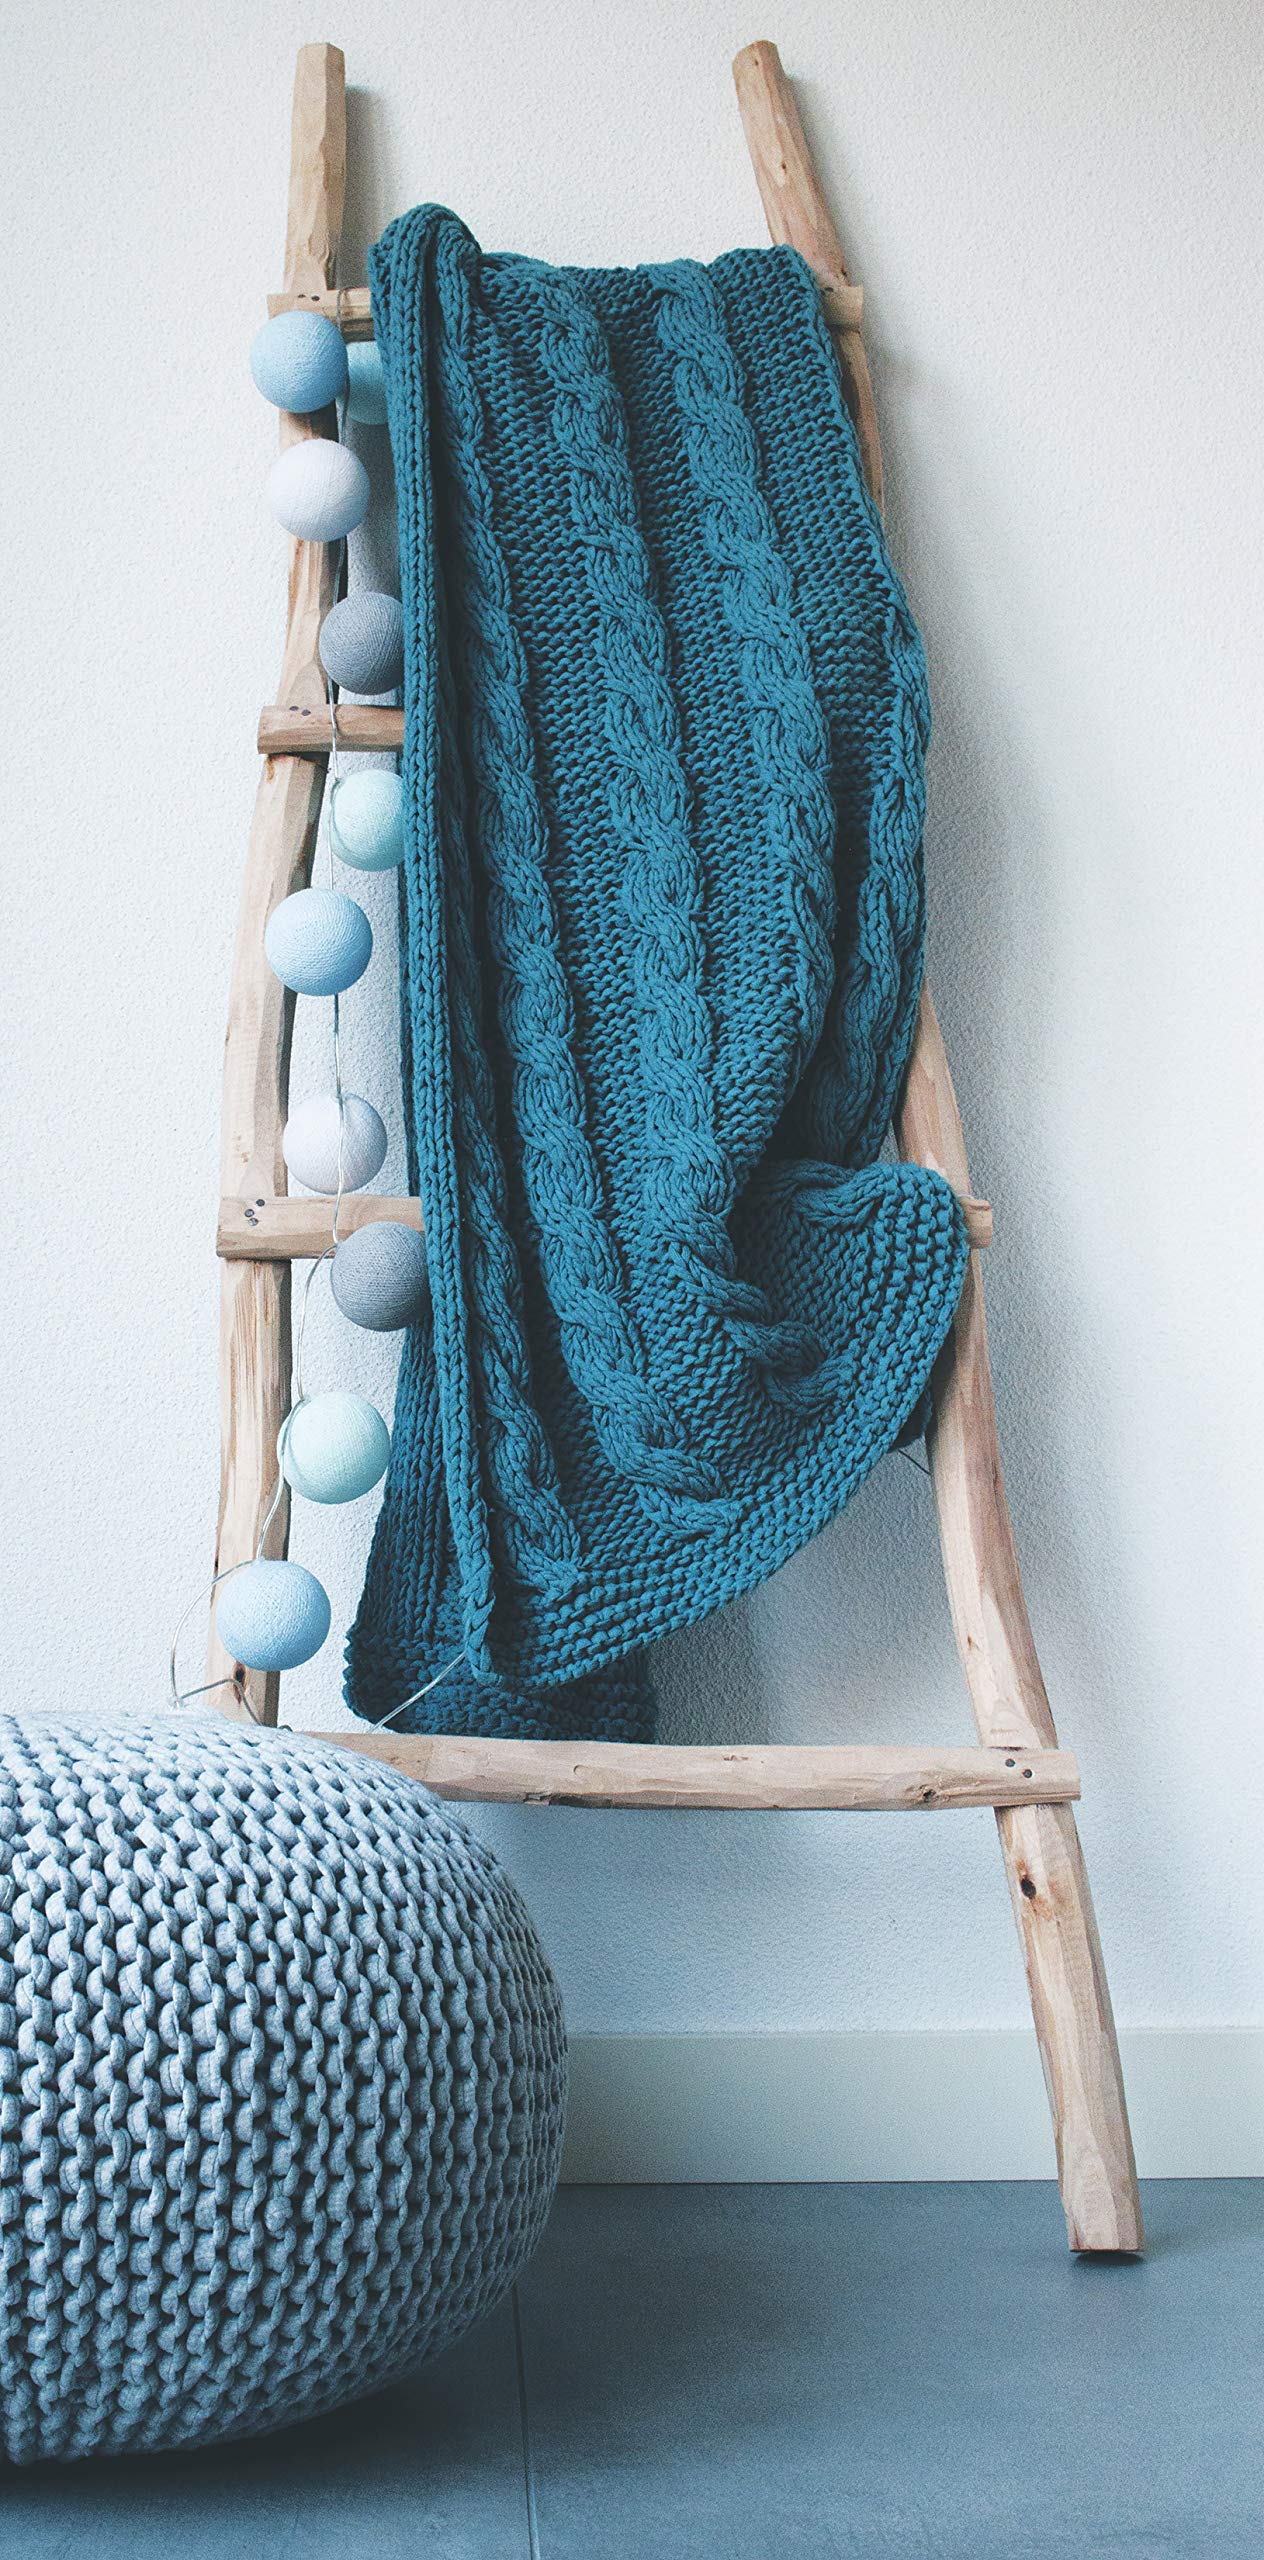 Hoooked Knit & Crochet Pouf Kit W/Zpagetti Yarn-Cherry Blossom